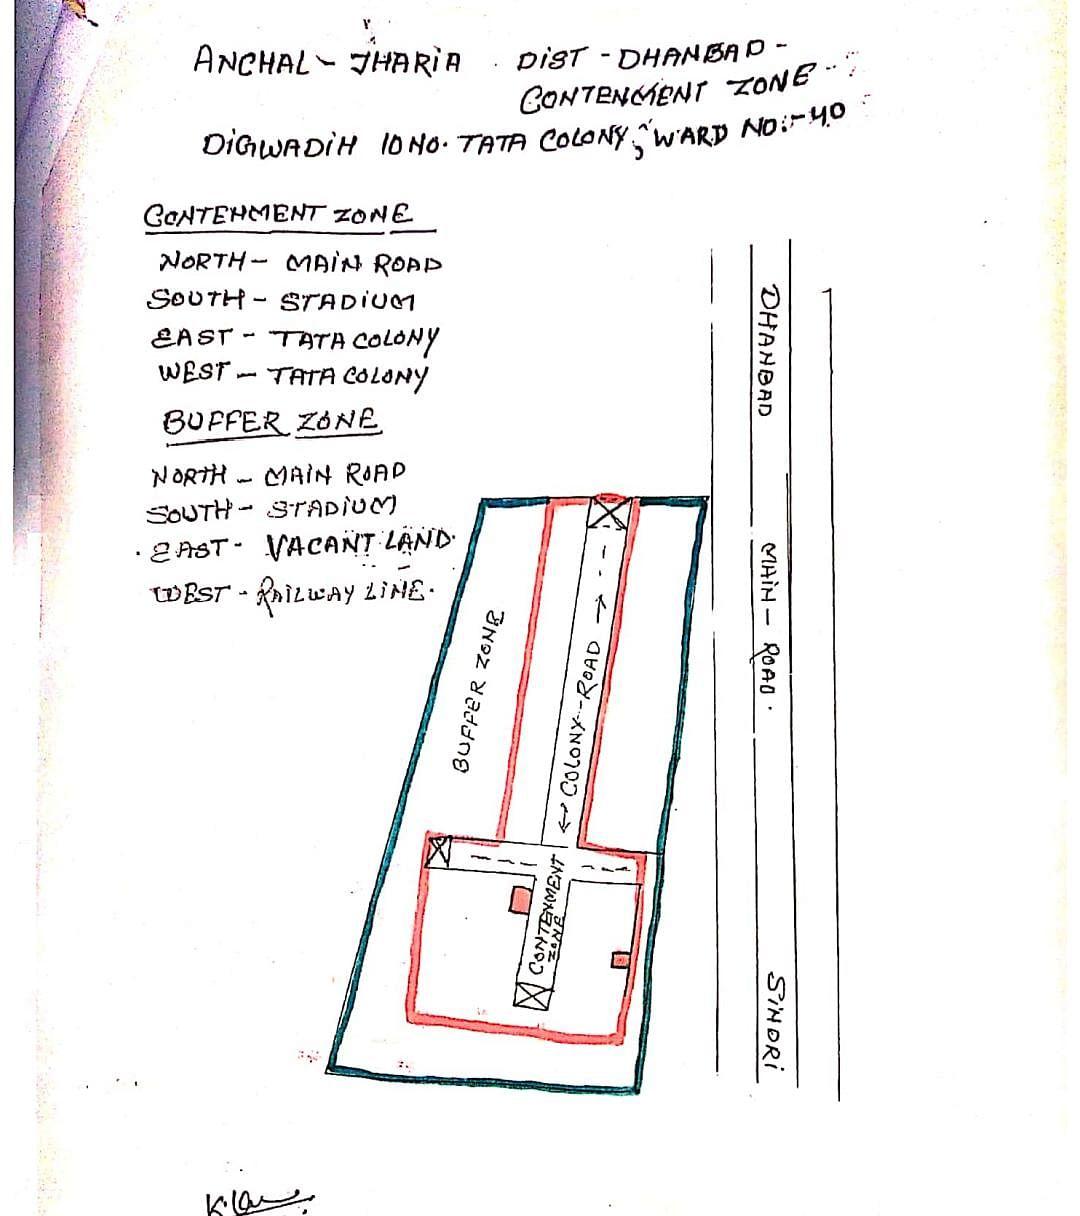 टाटा कॉलोनी में बने कंटोनमेंट ज़ोन के लिए नोडल पदाधिकारियों की प्रतिनियुक्ति।